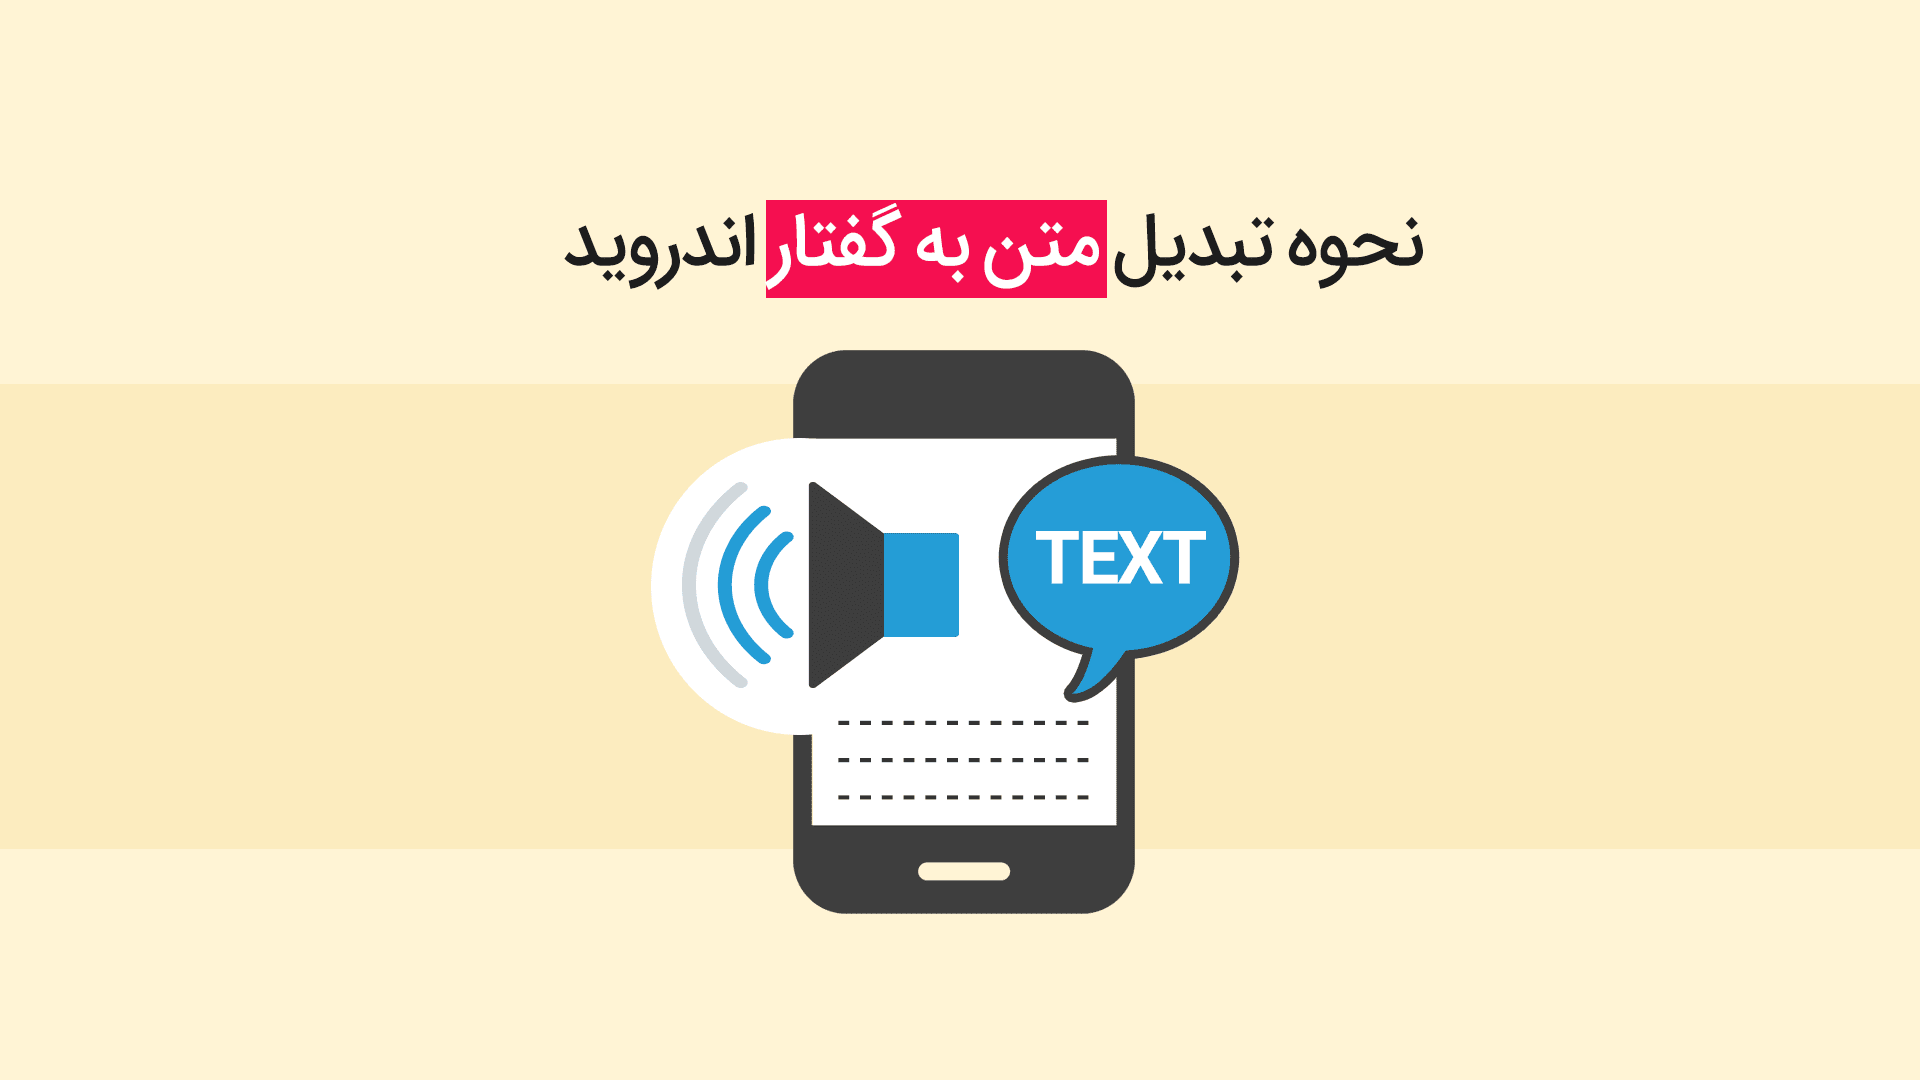 نحوه تبدیل متن به گفتار اندوید